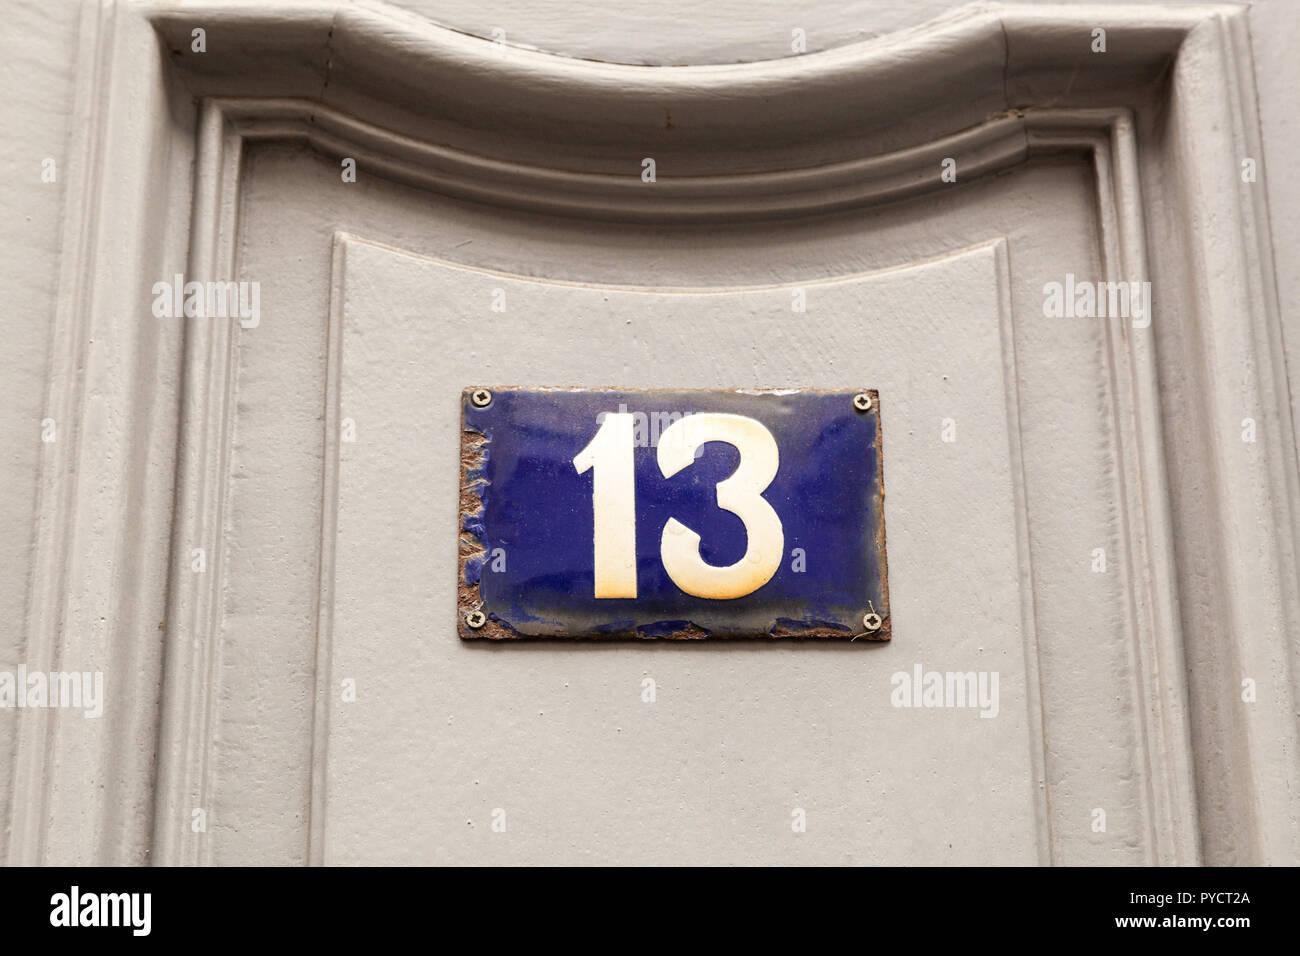 Puerta de Esmalte Pequeño Estilo Antiguo número 17 Número De Casa Cartel Placa Señal